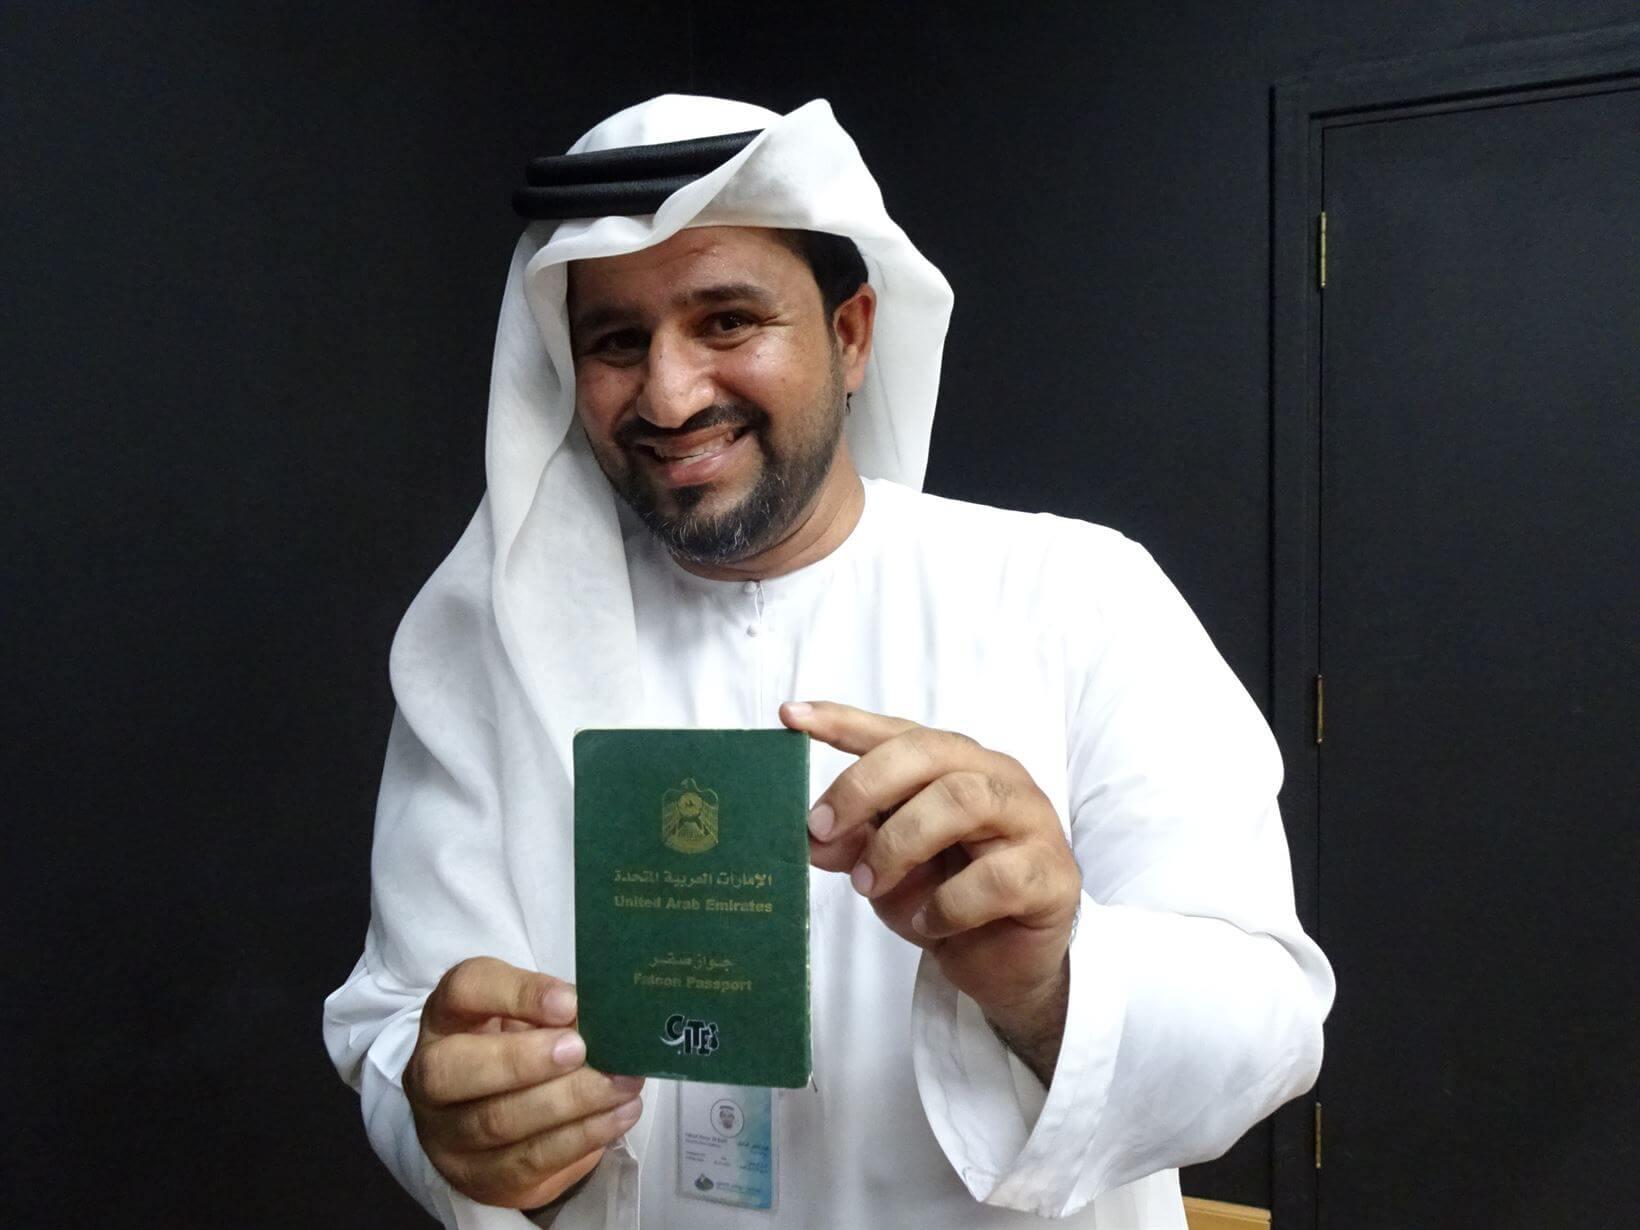 Passaporte de falcão